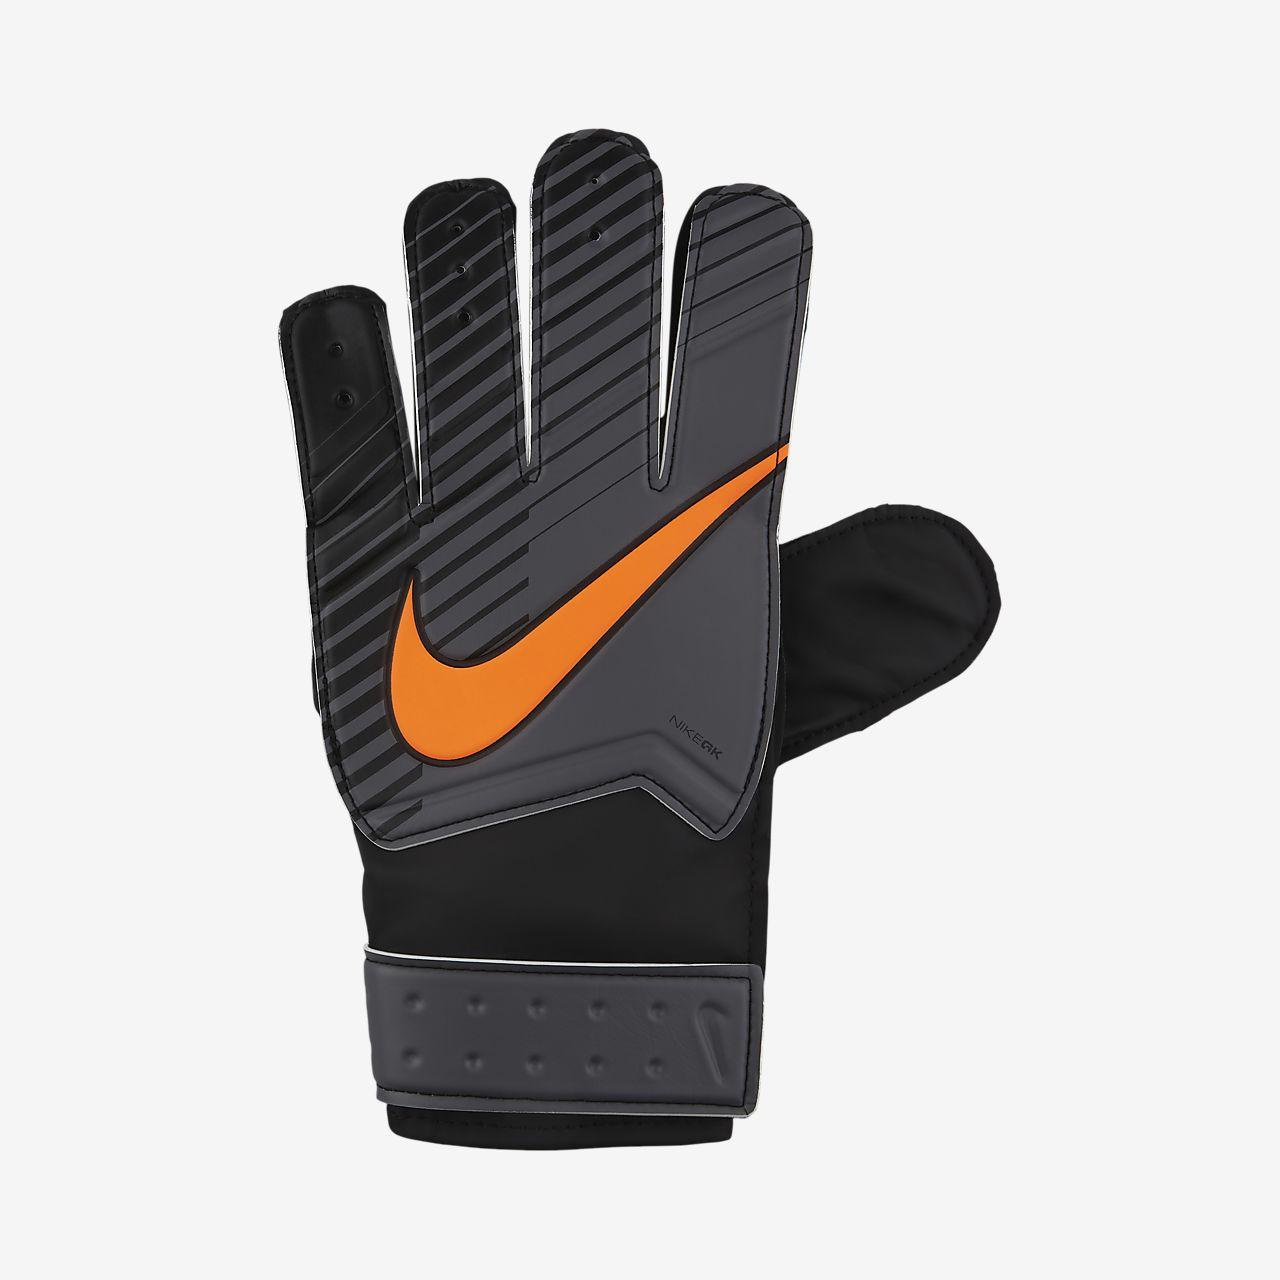 Παιδικά γάντια ποδοσφαίρου Nike Junior Match Goalkeeper. Nike.com GR 2c930a5577b